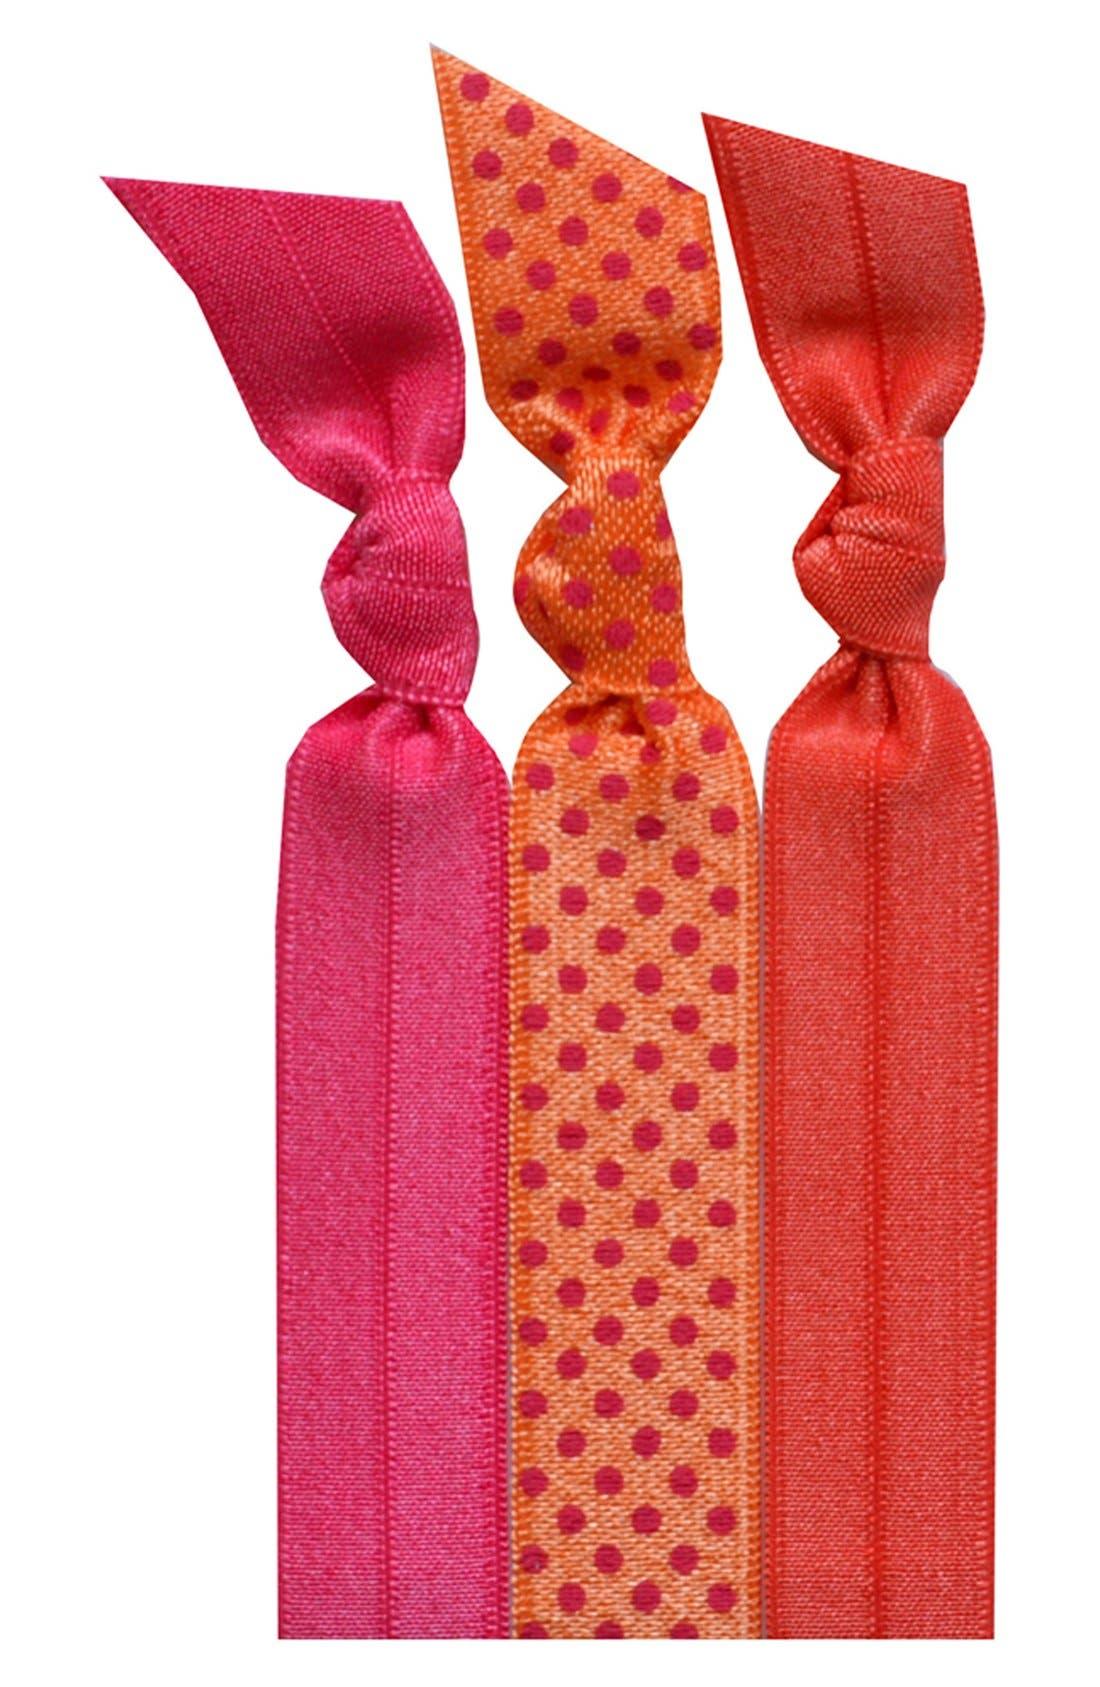 Alternate Image 1 Selected - Emi-Jay 'Orange' Hair Ties (3-Pack)